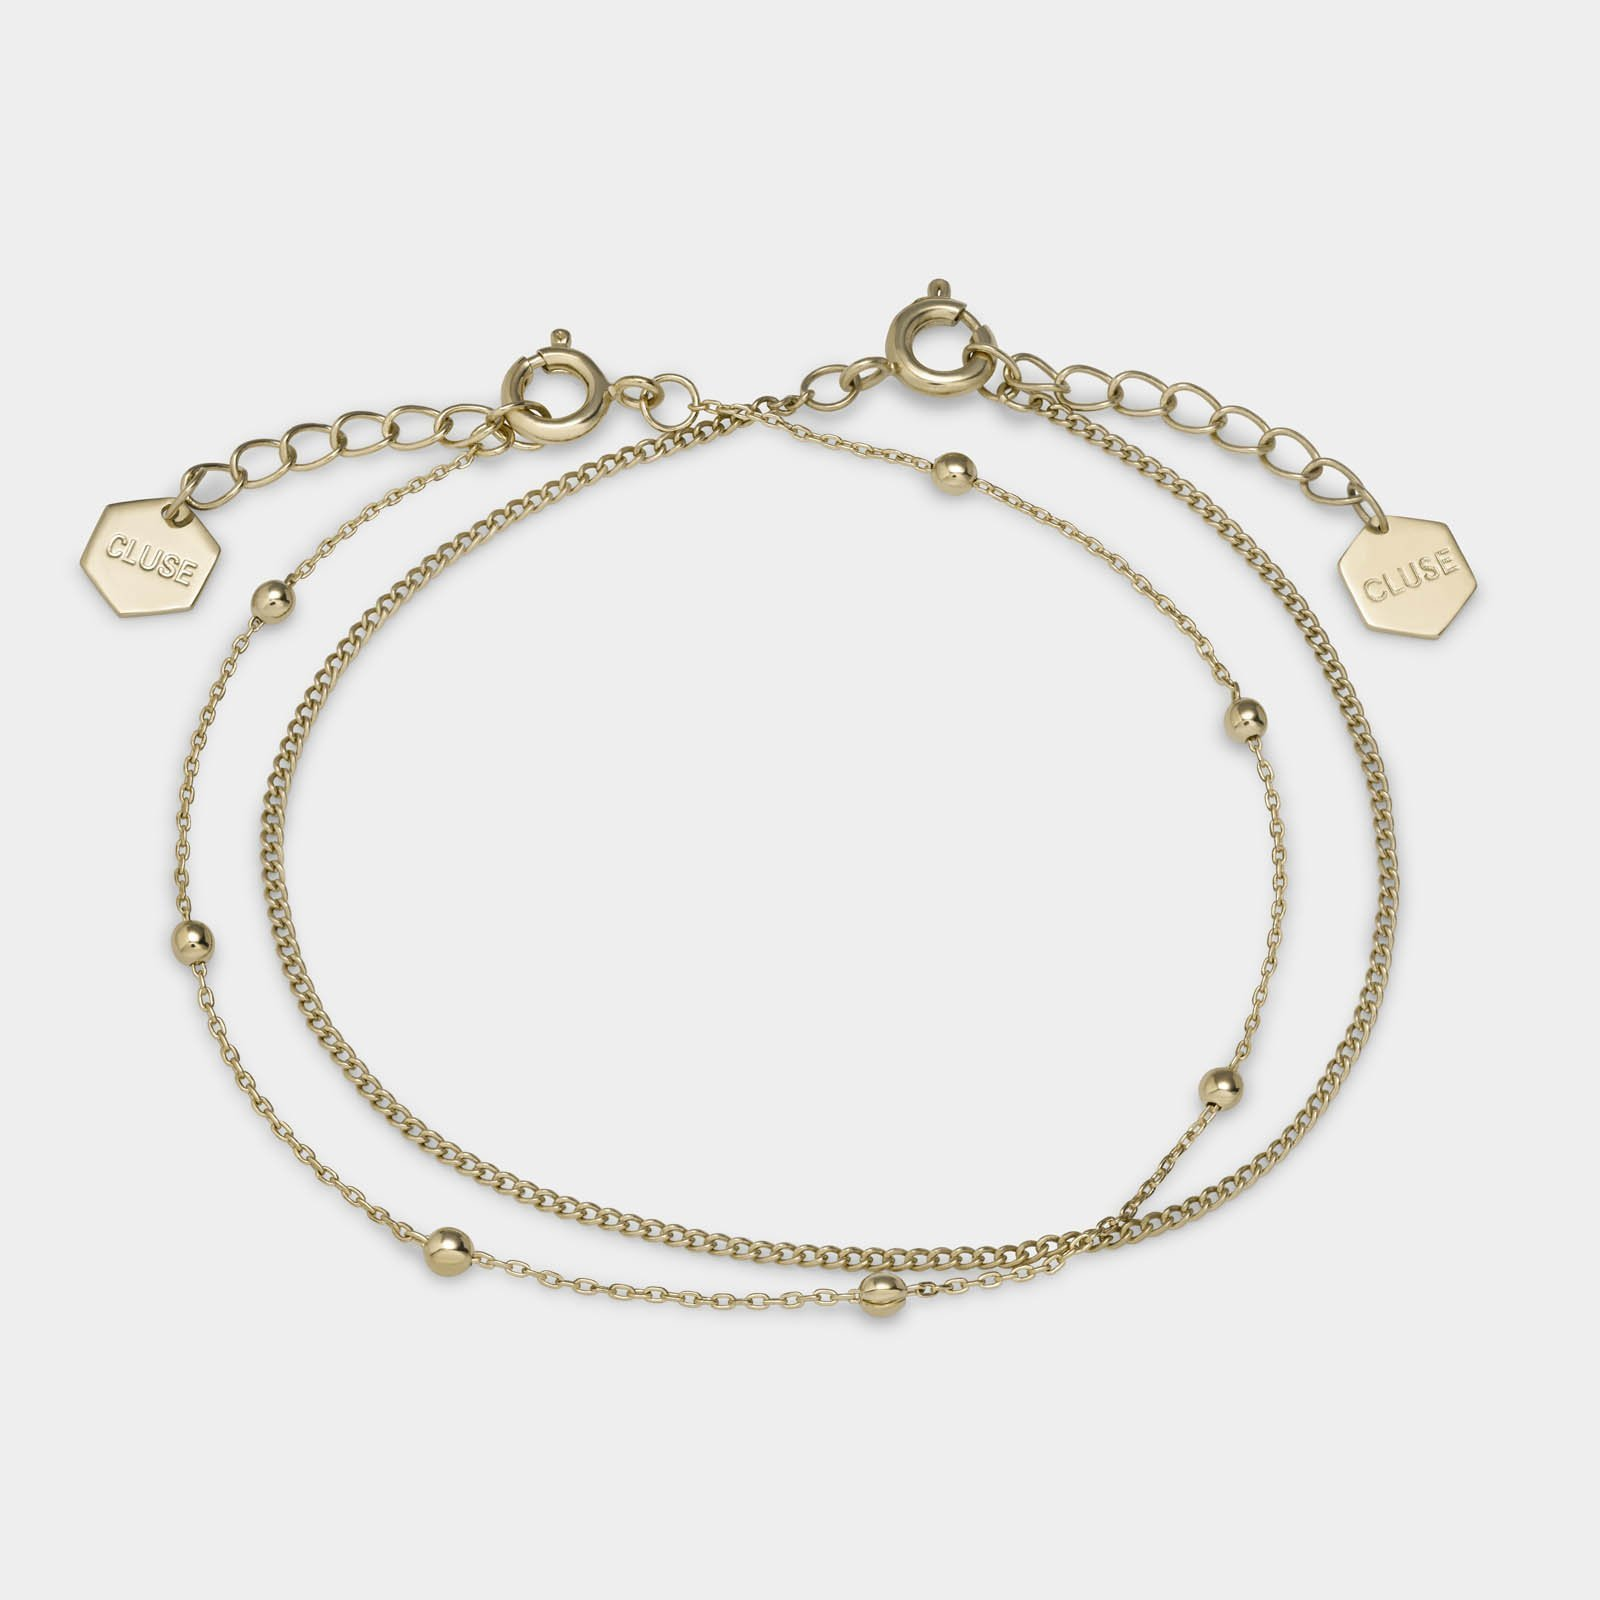 essentielle_set_of_two_fine_bracelets_CLJ11010_full.jpg